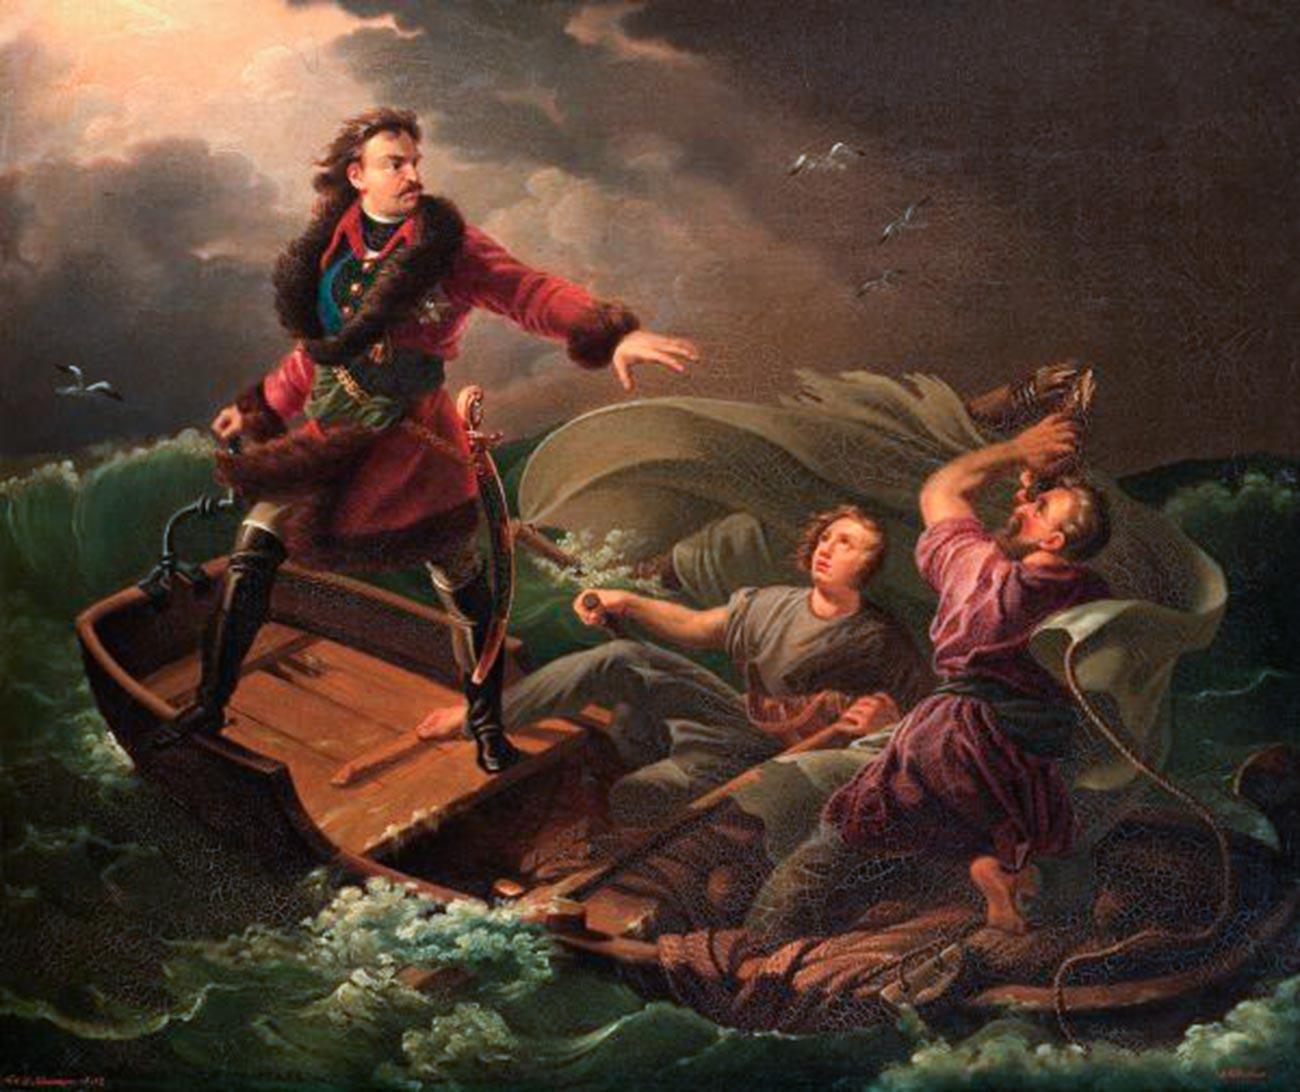 L'exploit de Pierre le Grand pendant une tempête